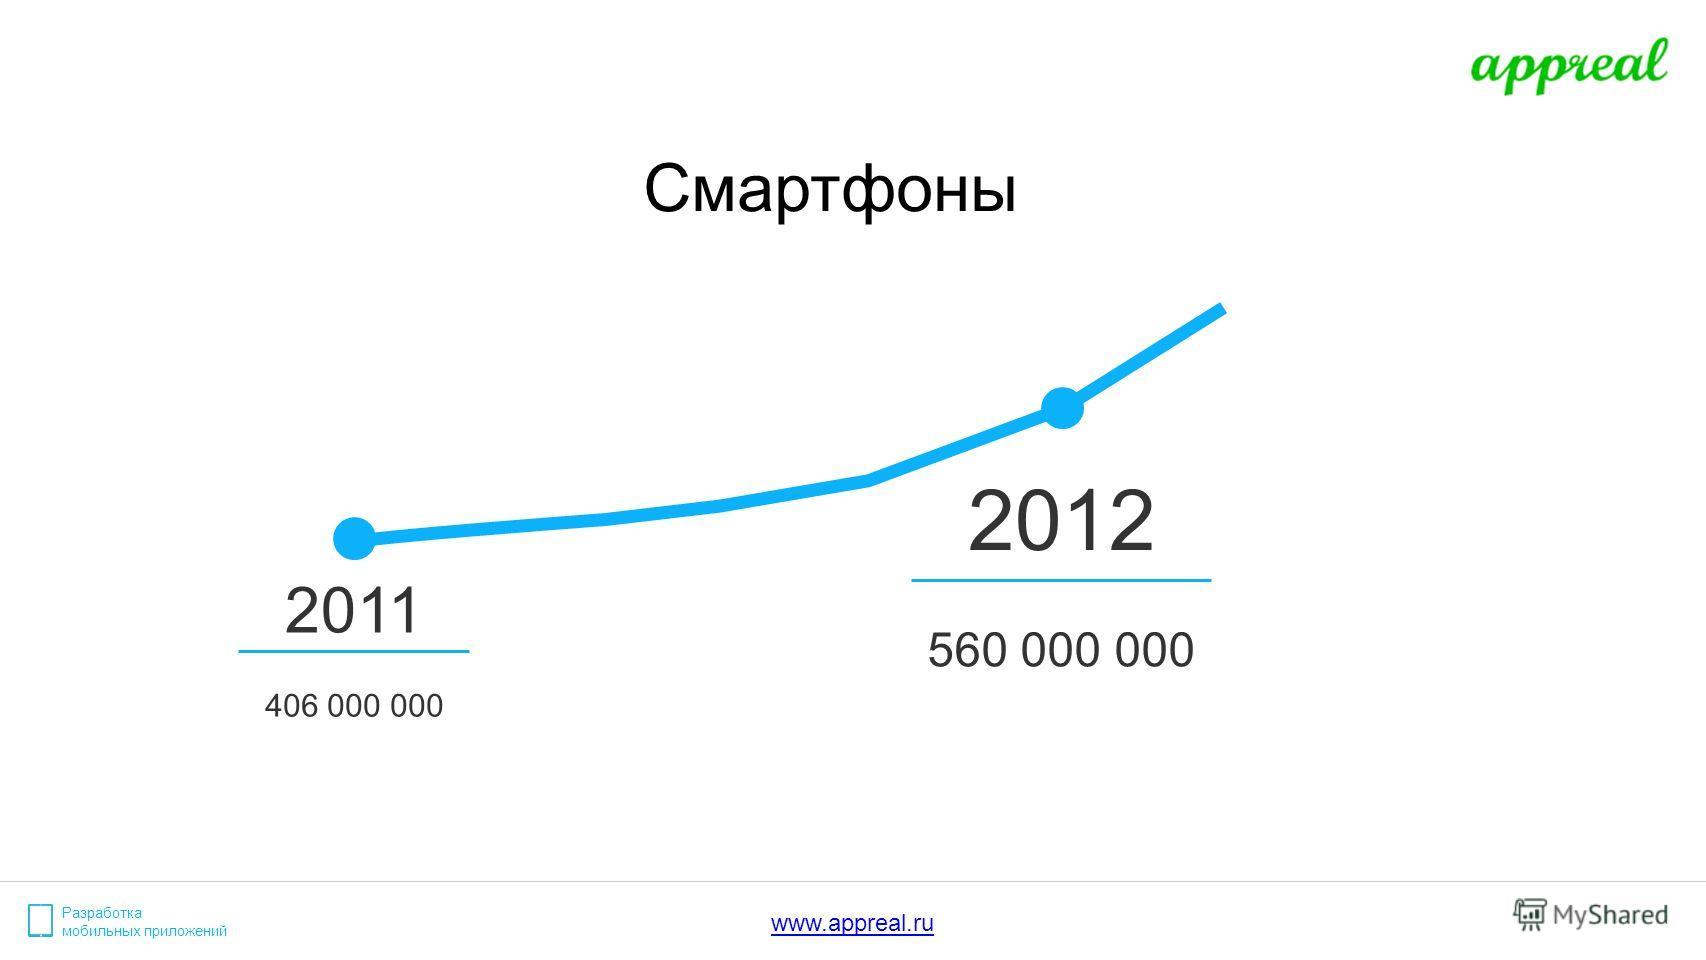 Разработка мобильных приложений Смартфоны www.appreal.ru 2011 406 000 000 2012 560 000 000